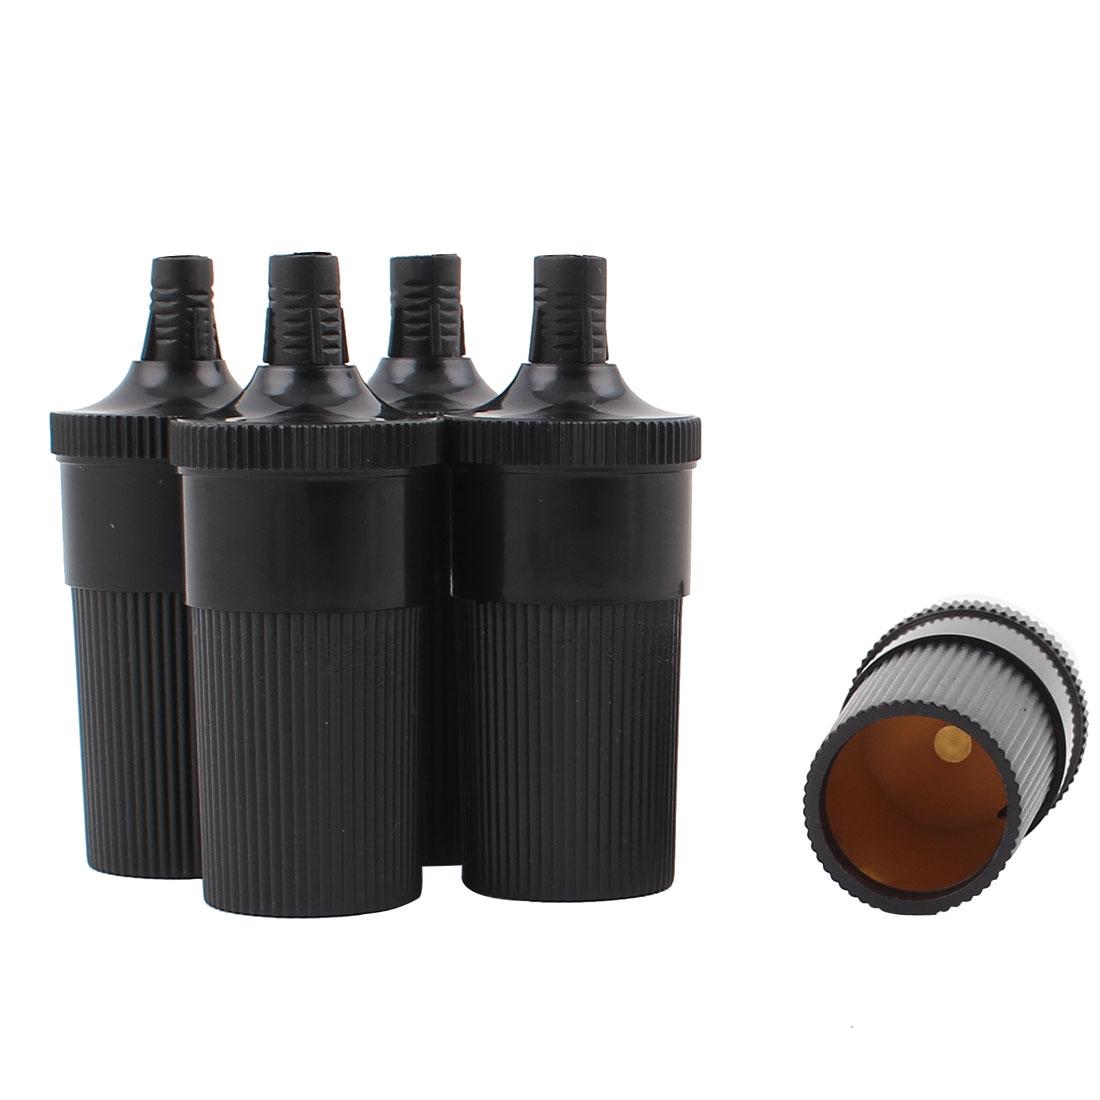 5Pcs Black Plastic Cylinder Power Charger Cigar Cigarette Lighter Socket for Car Vehicle